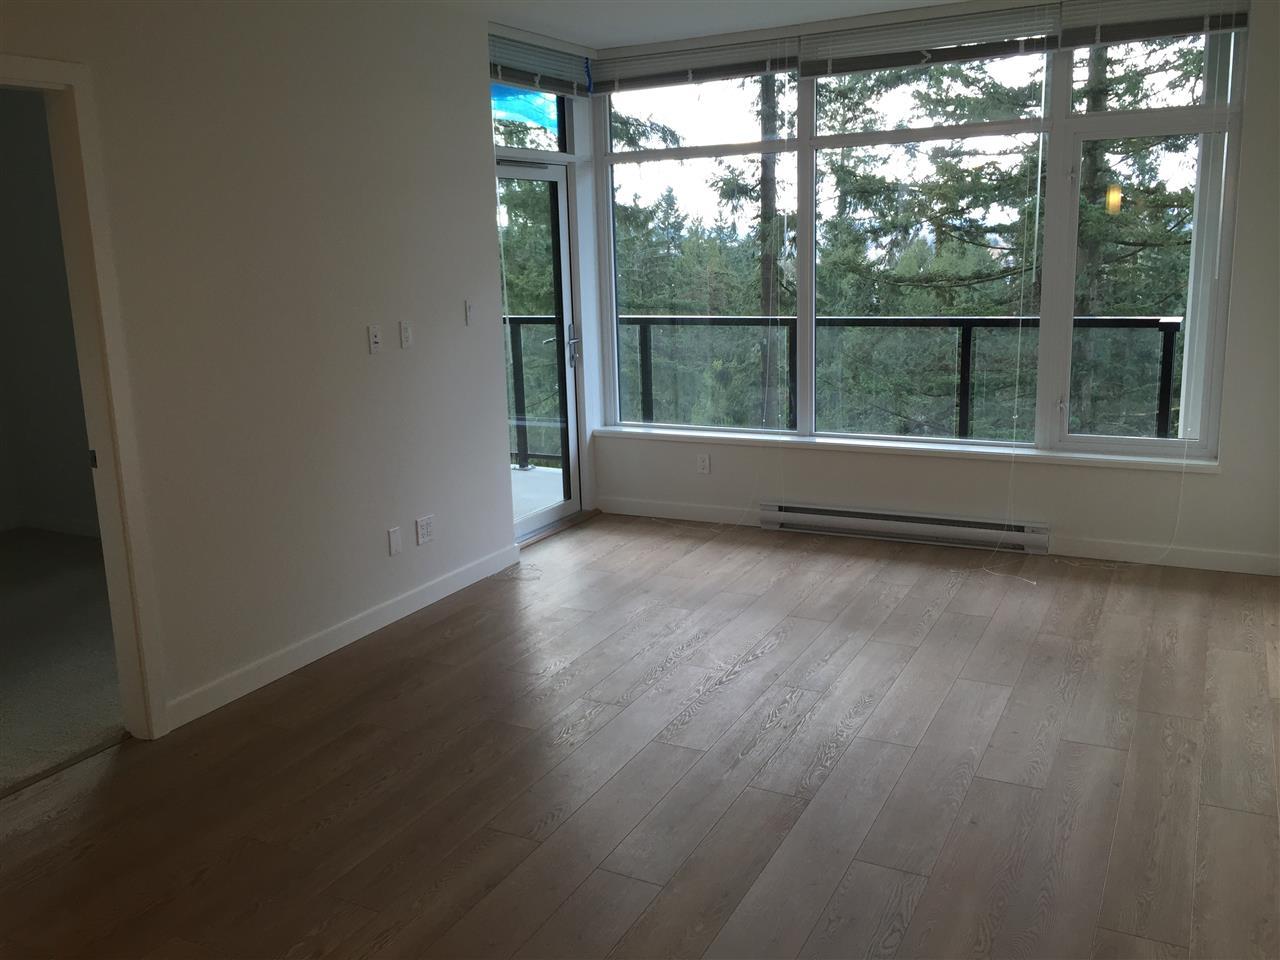 Condo Apartment at 1105 3080 LINCOLN AVENUE, Unit 1105, Coquitlam, British Columbia. Image 1